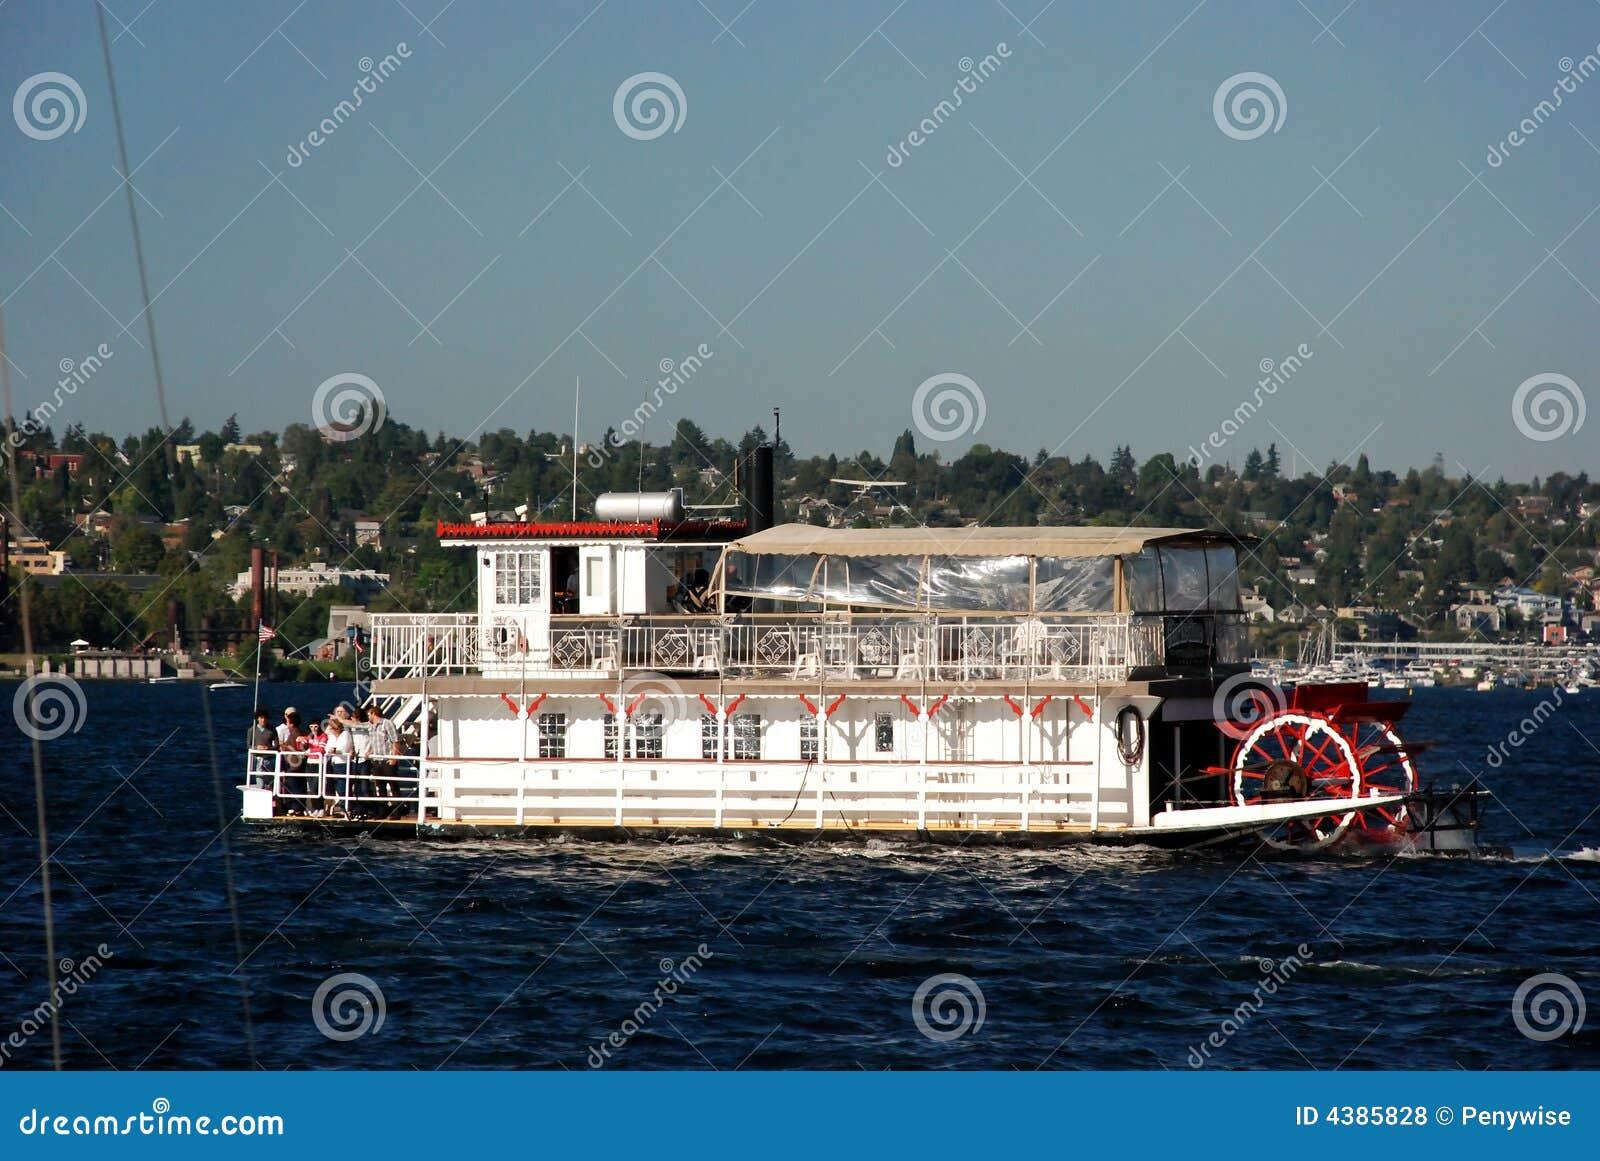 Paddle Wheel Boat Royalty Free Stock Photos - Image: 4385828